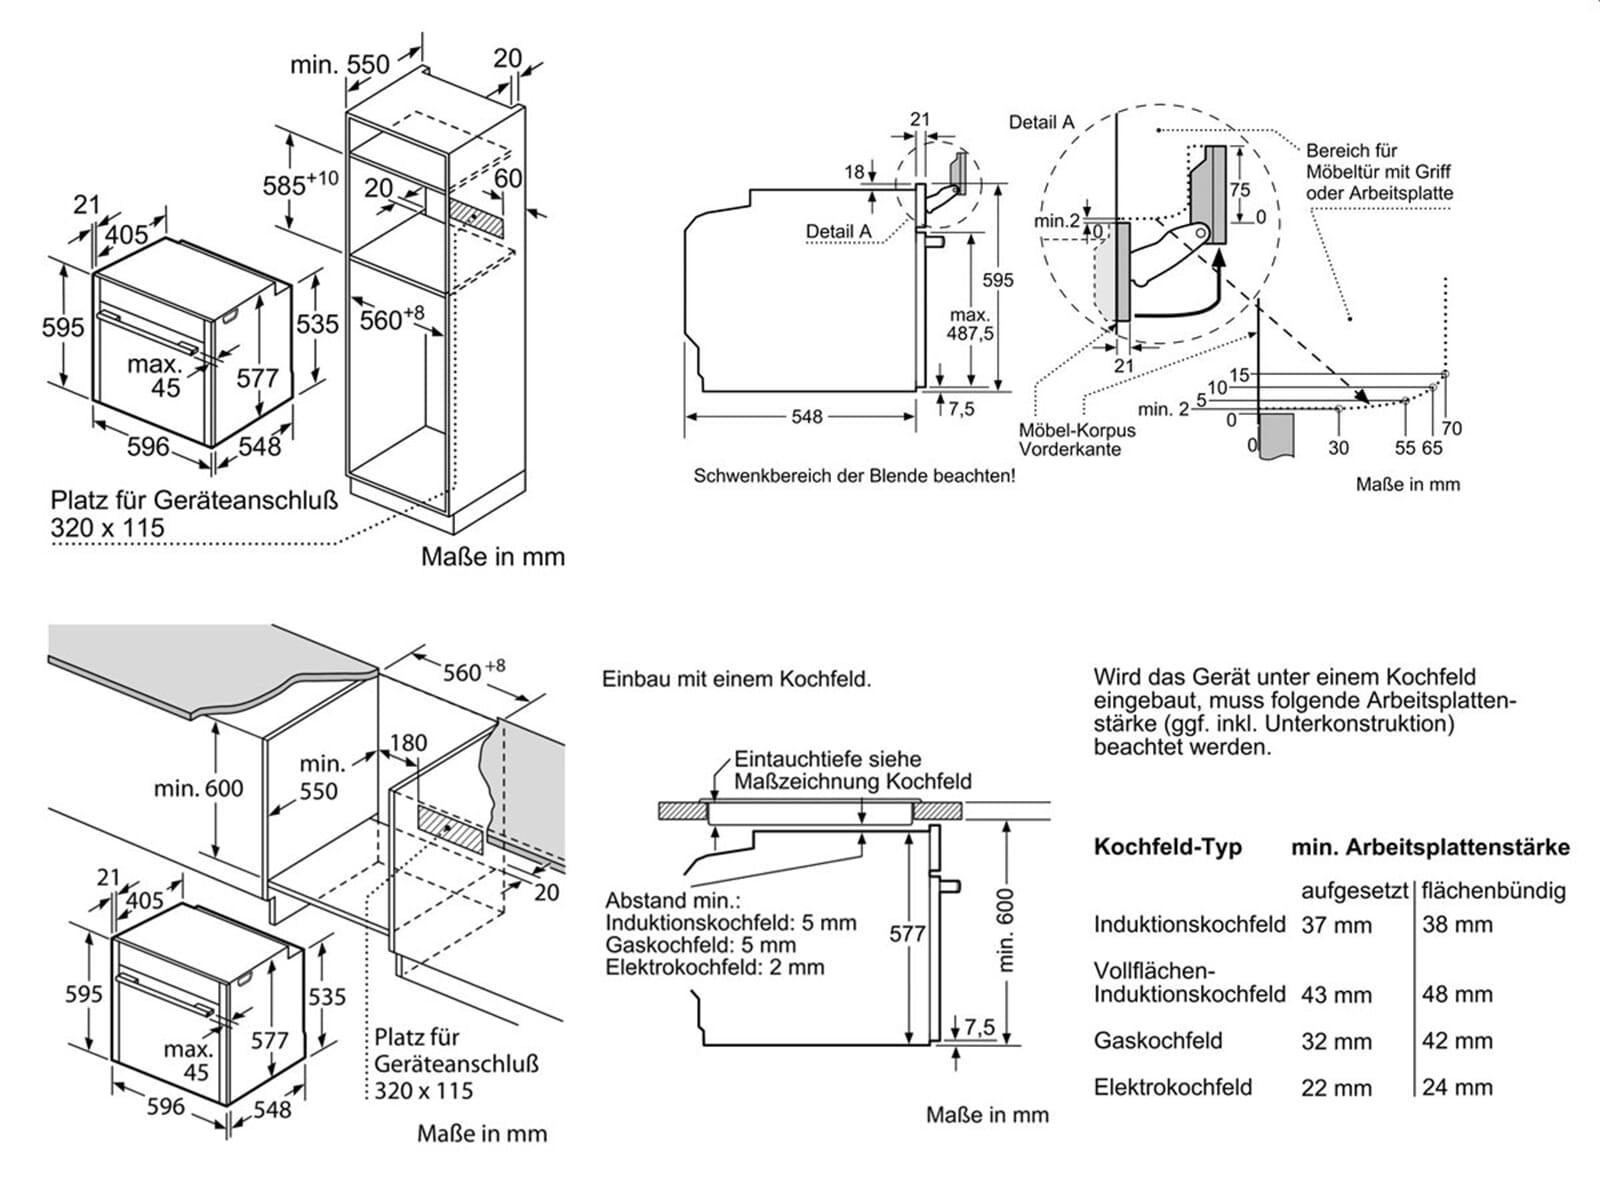 neff bvr 5522 n pyrolyse backofen edelstahl. Black Bedroom Furniture Sets. Home Design Ideas